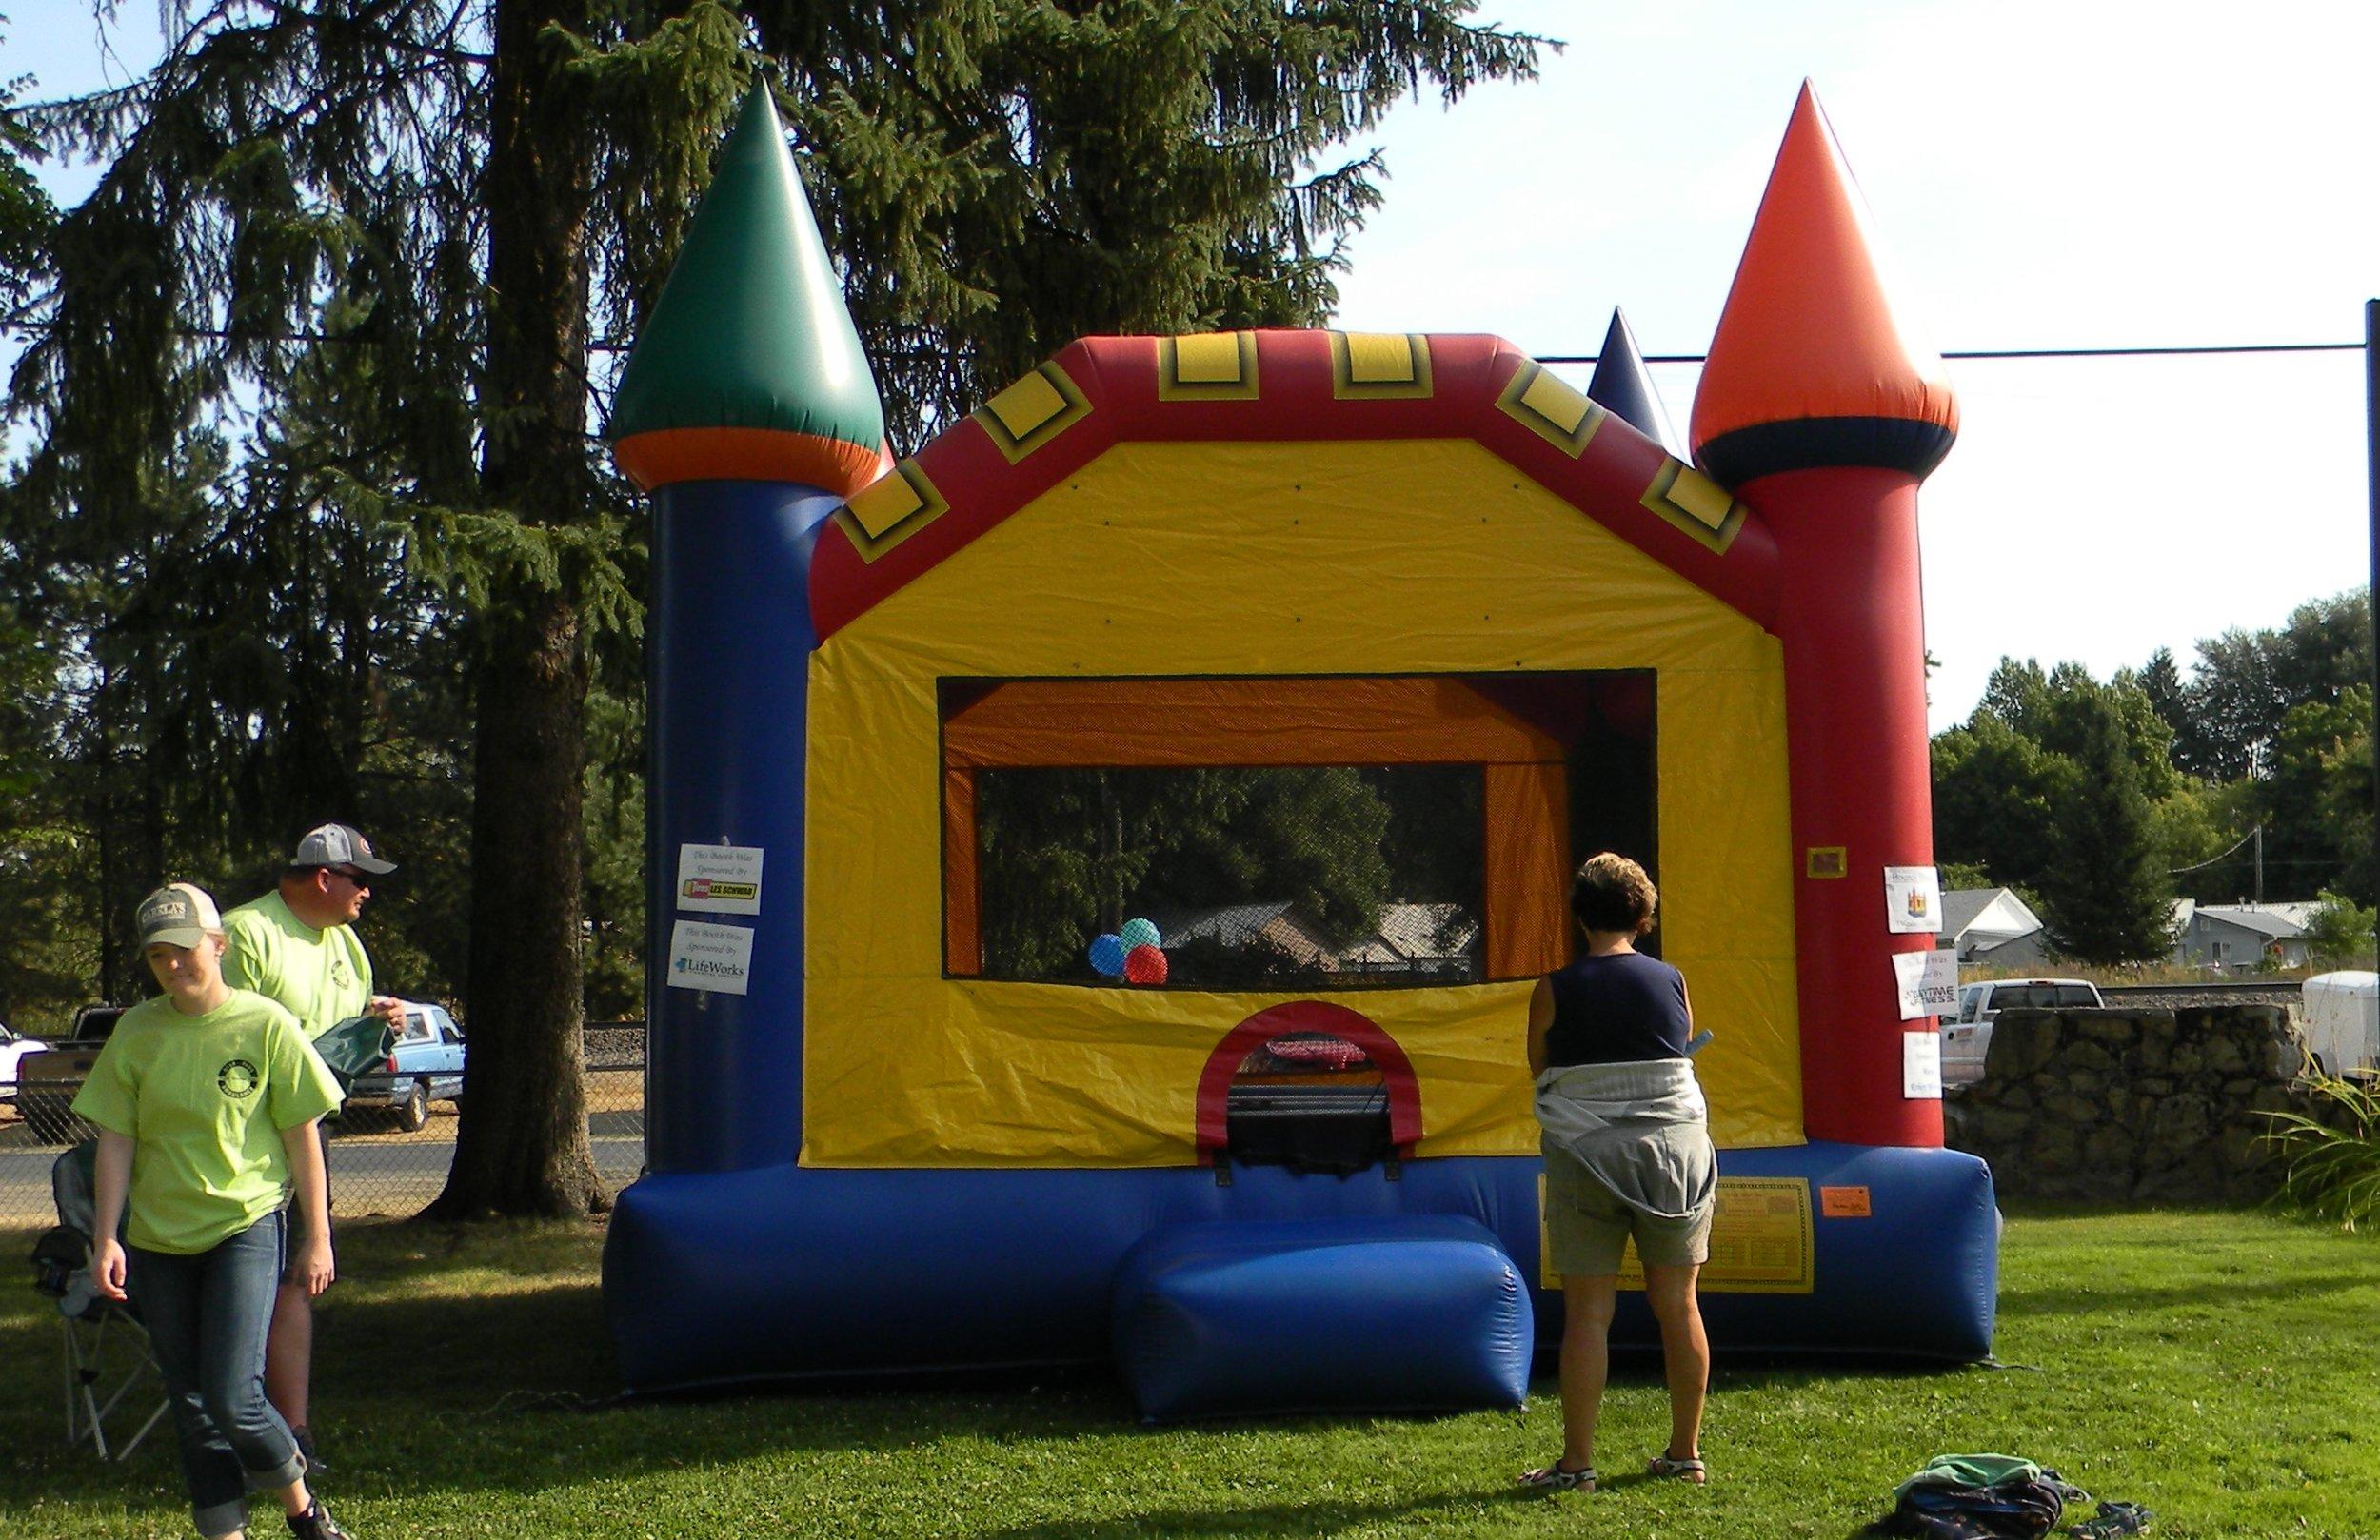 Fun Festival Bouncy House1.jpg